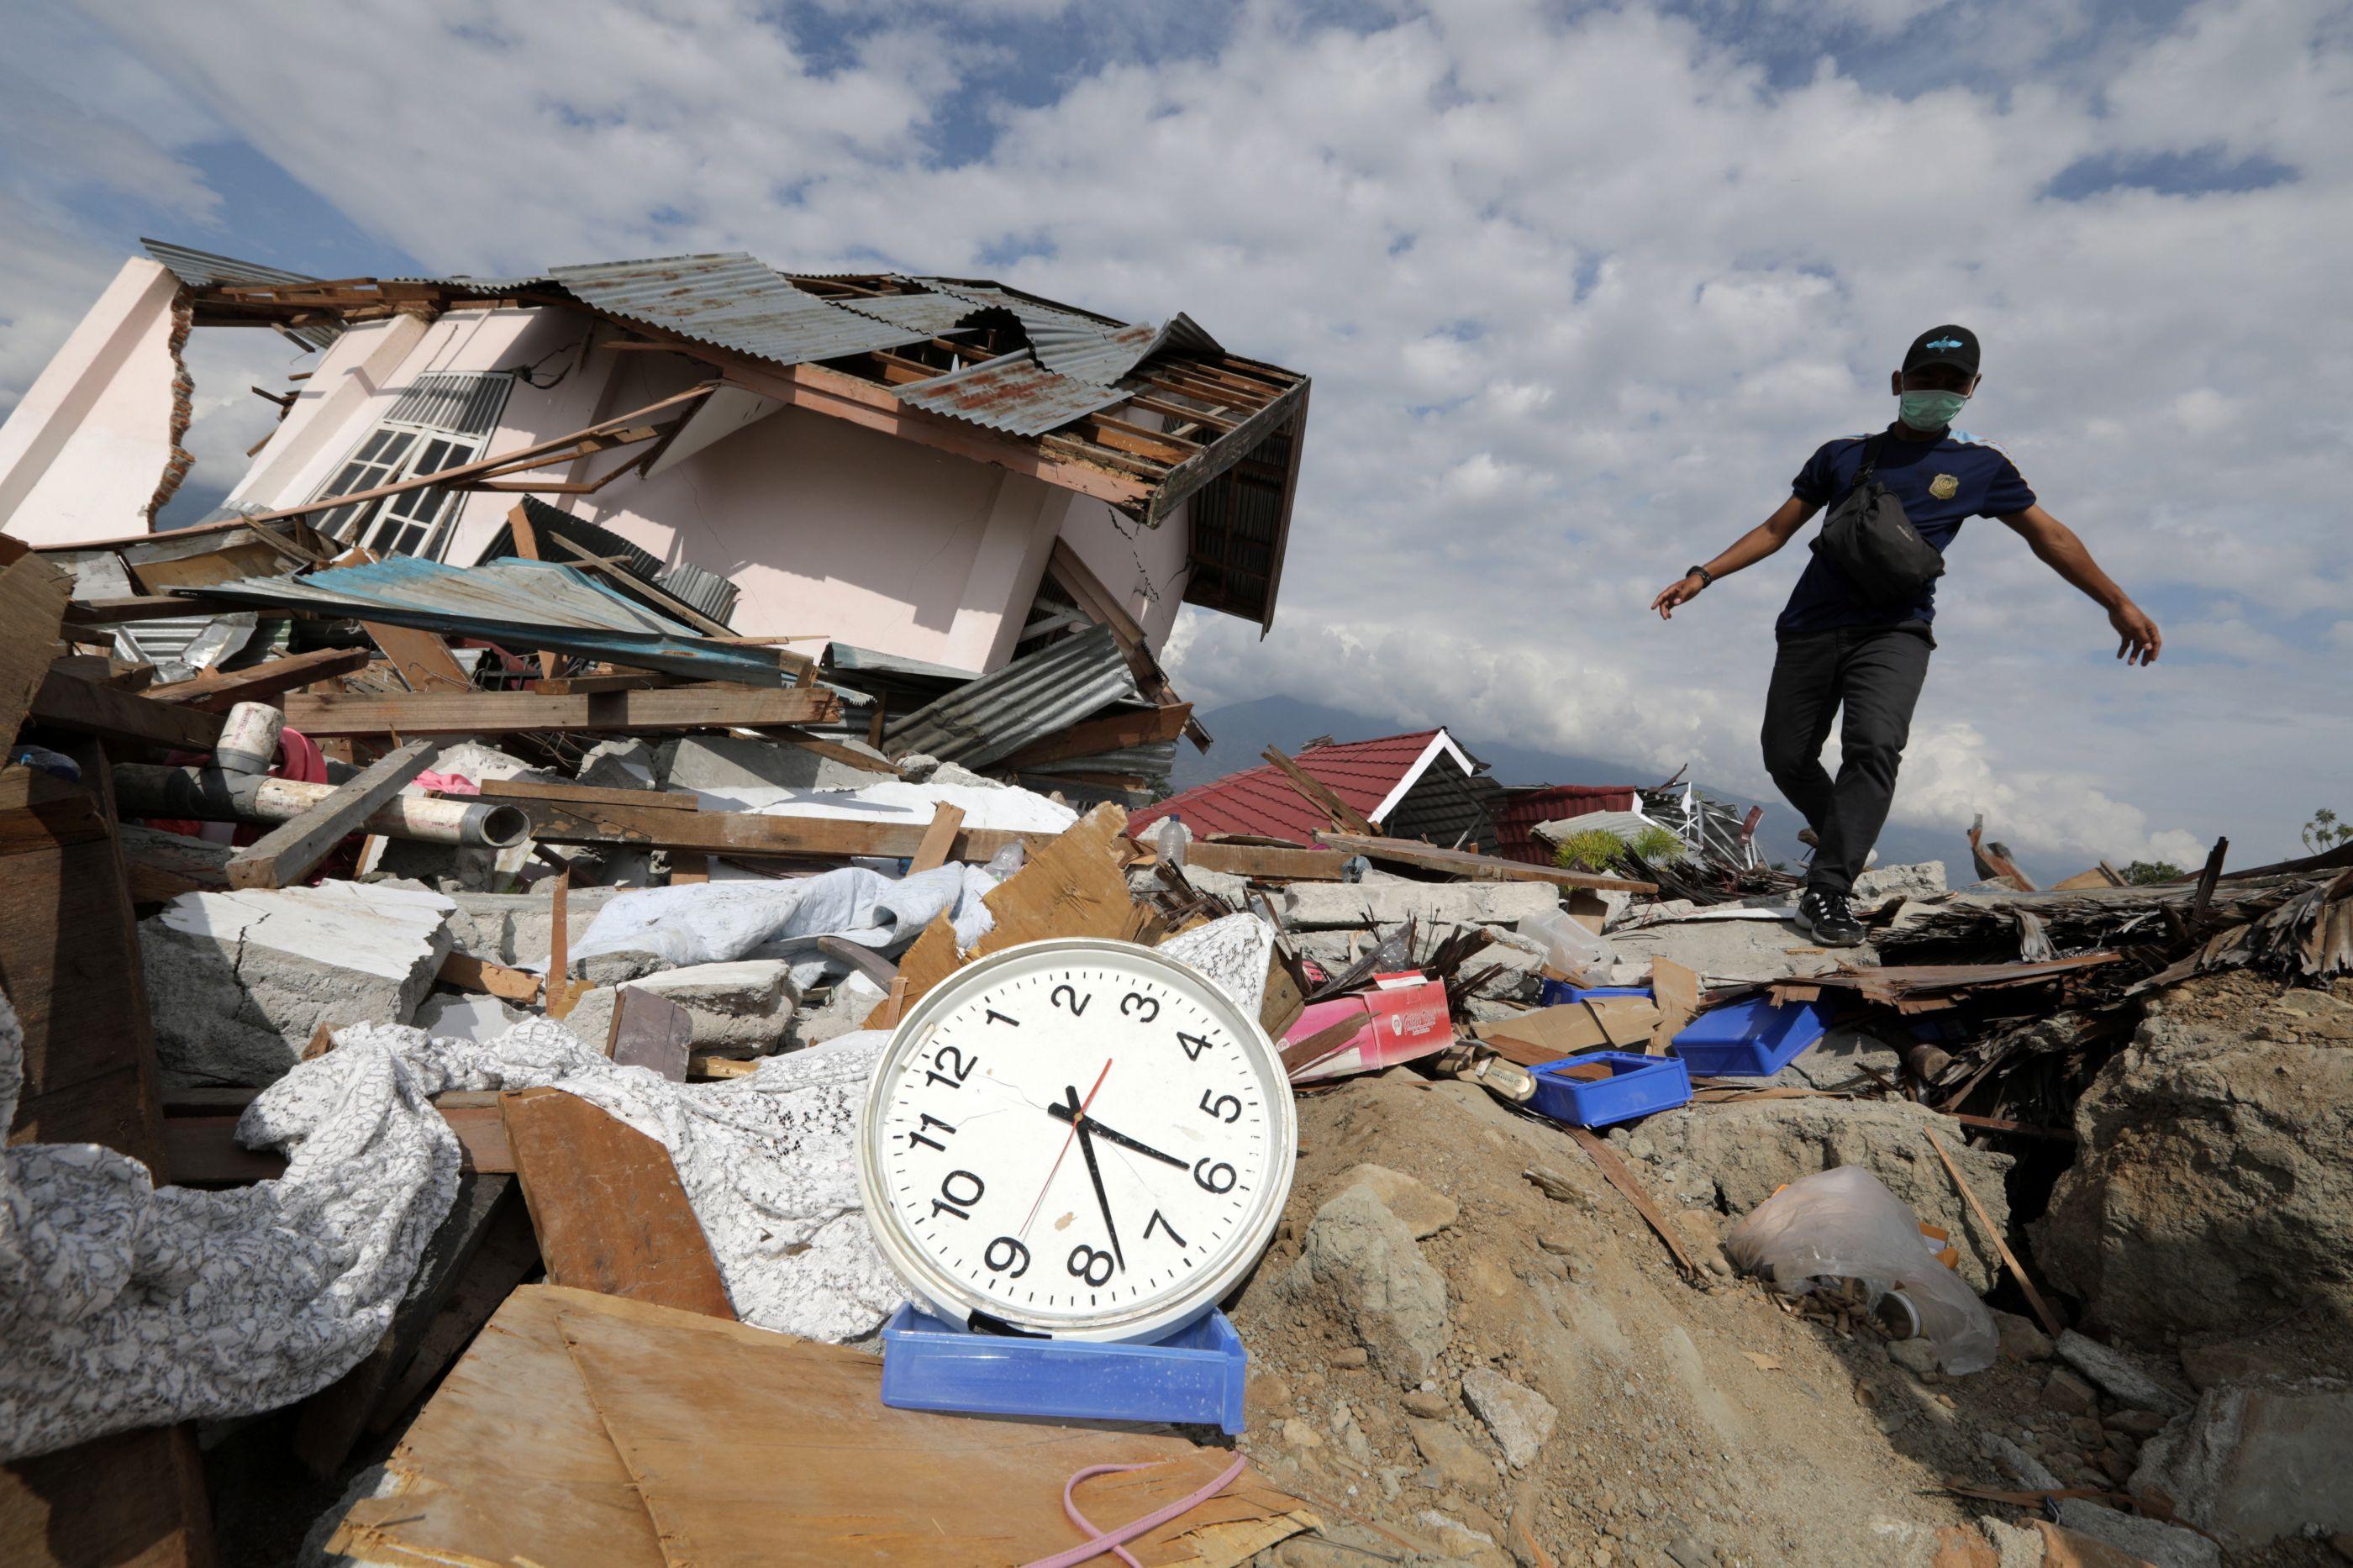 Resgatados com vida 31 jovens uma semana após sismo na Indonésia